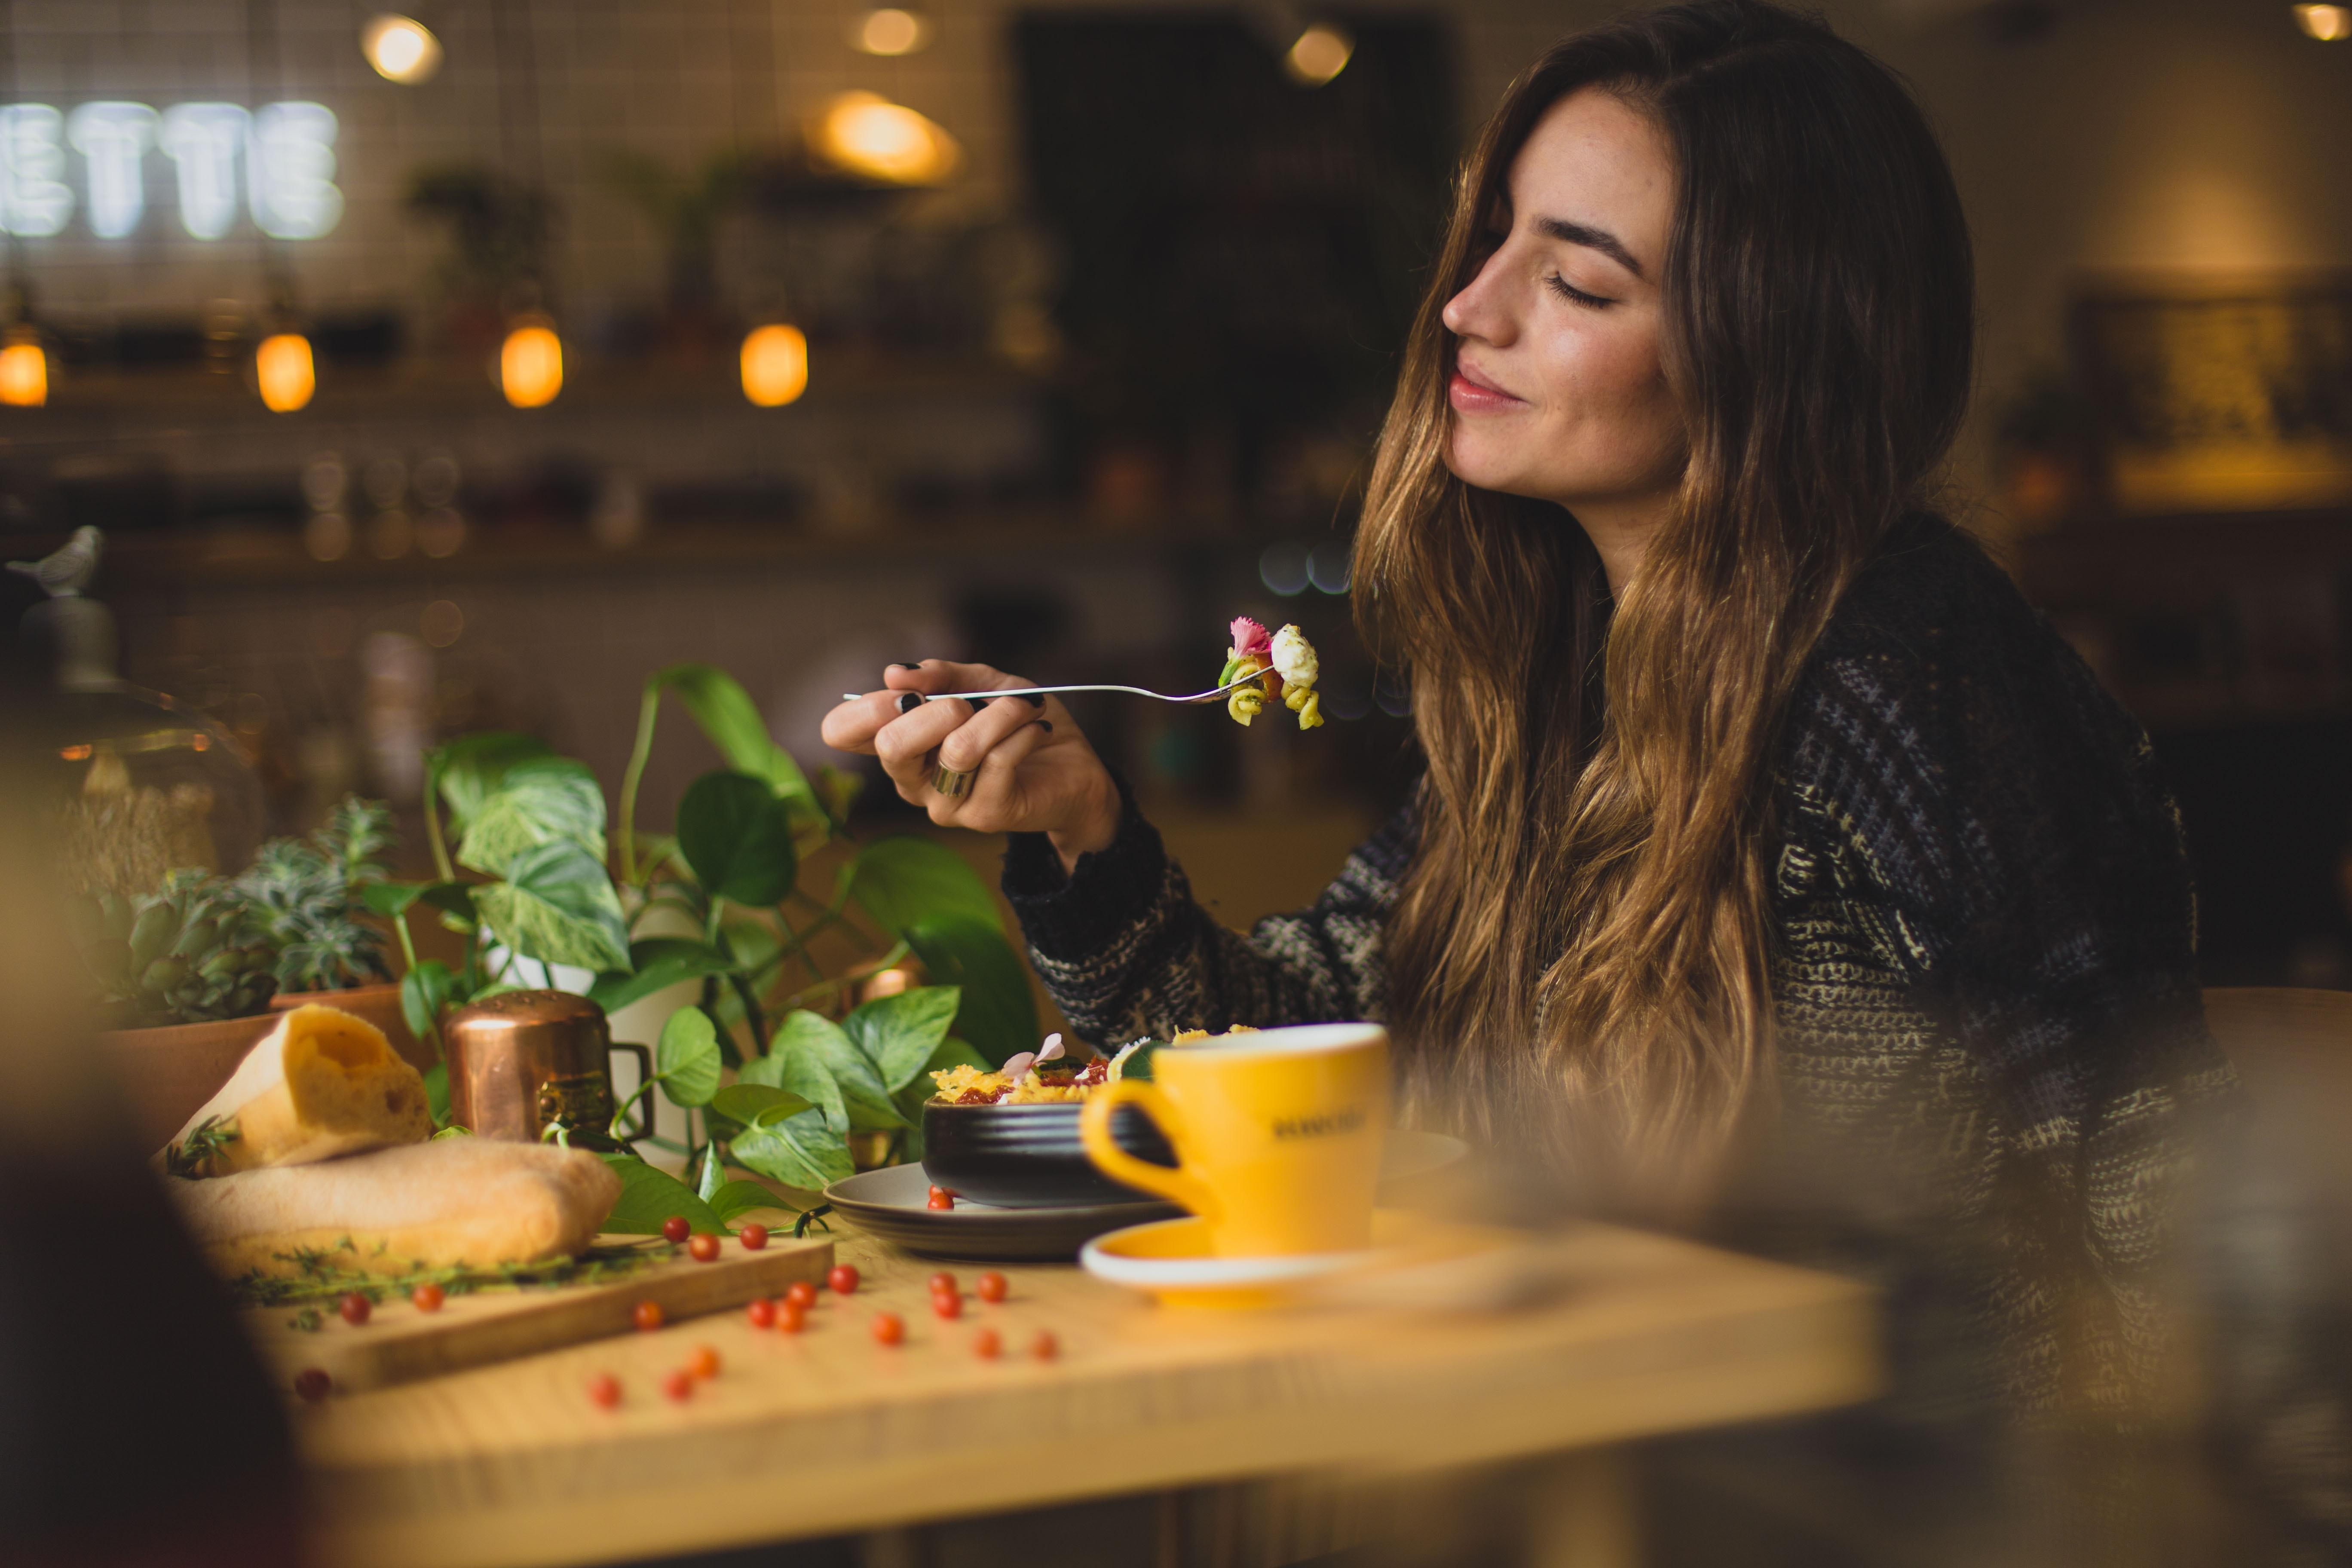 Hoe vind je een goed restaurant?